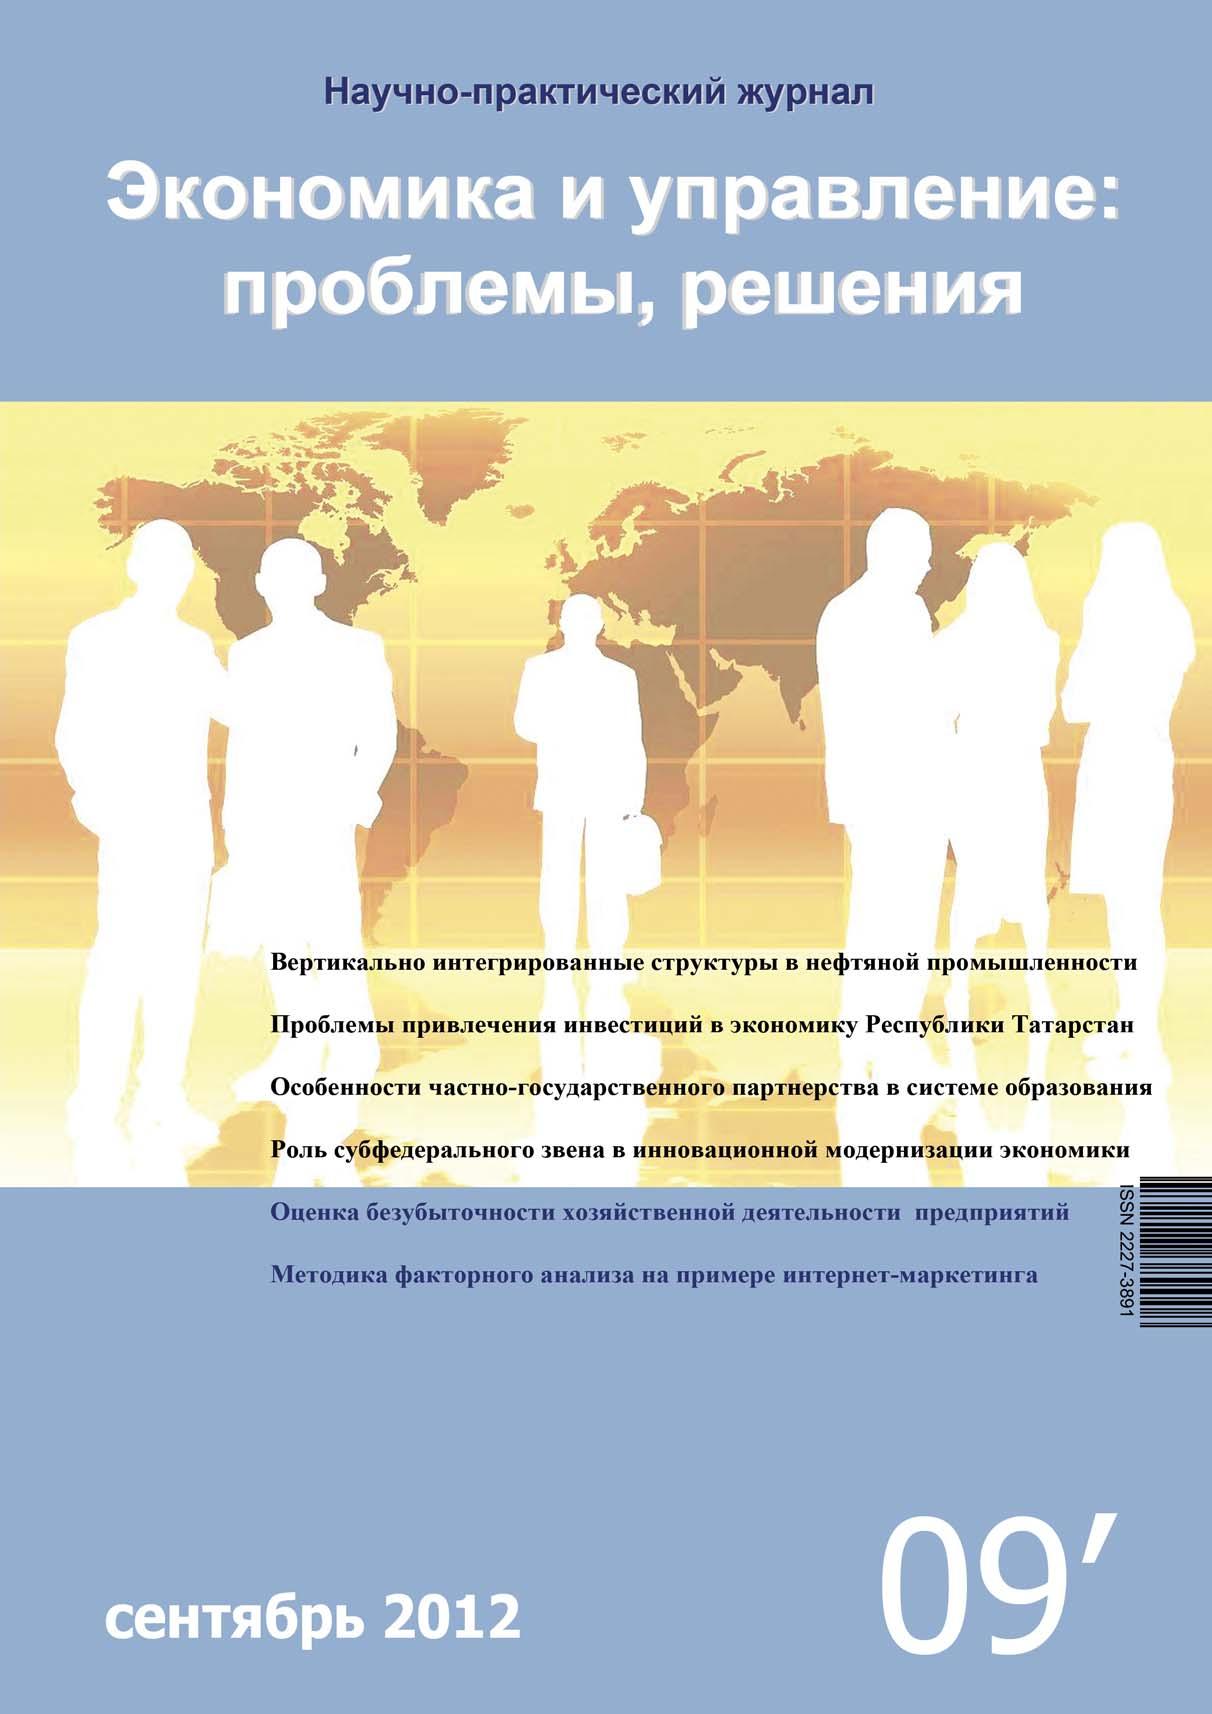 Отсутствует Экономика и управление: проблемы, решения №09/2012 отсутствует экономика и управление проблемы решения 05 2012